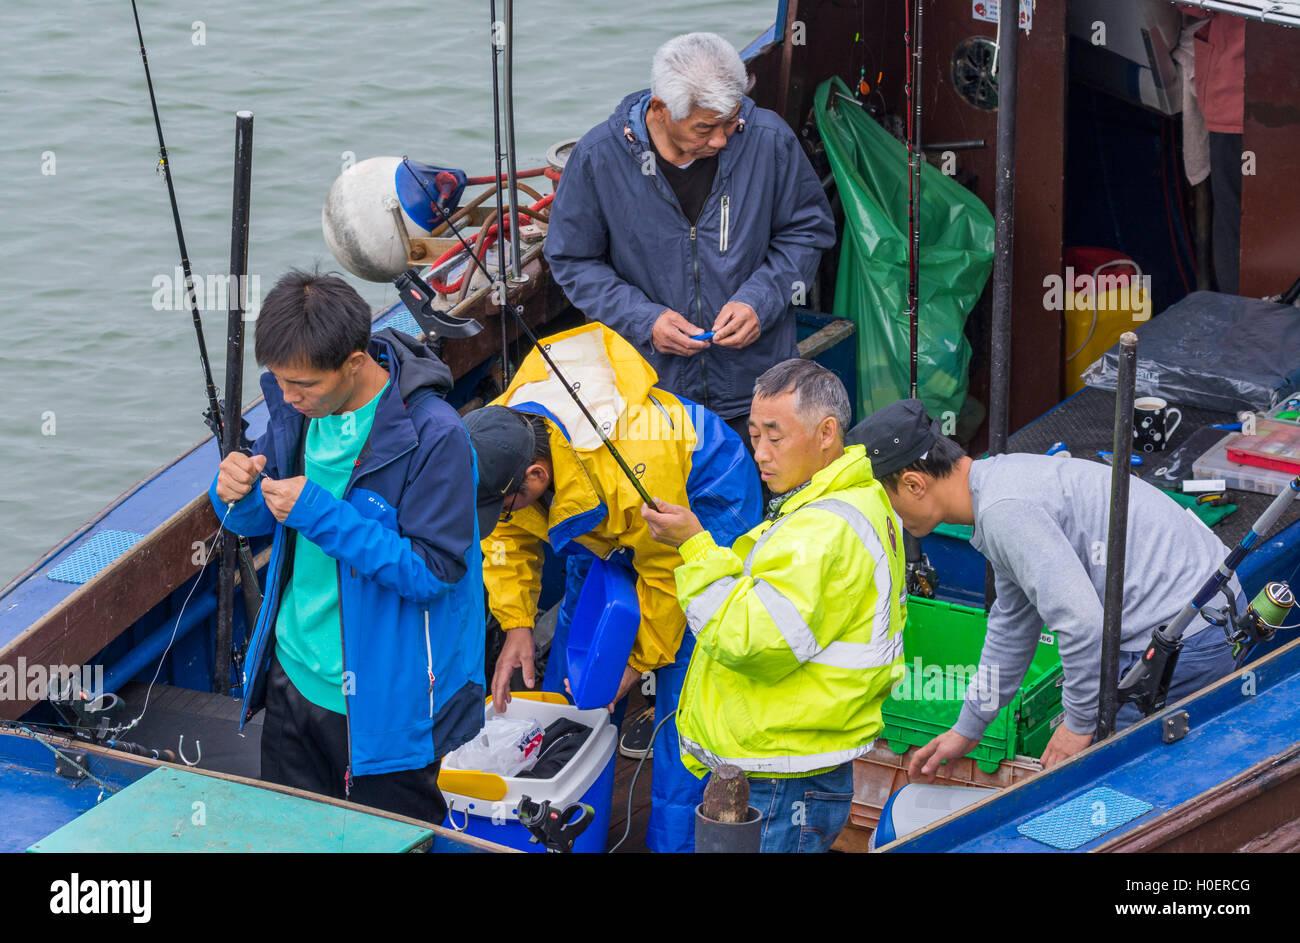 Grupo de pescadores en un barco de la preparación para un viaje de pesca. Imagen De Stock